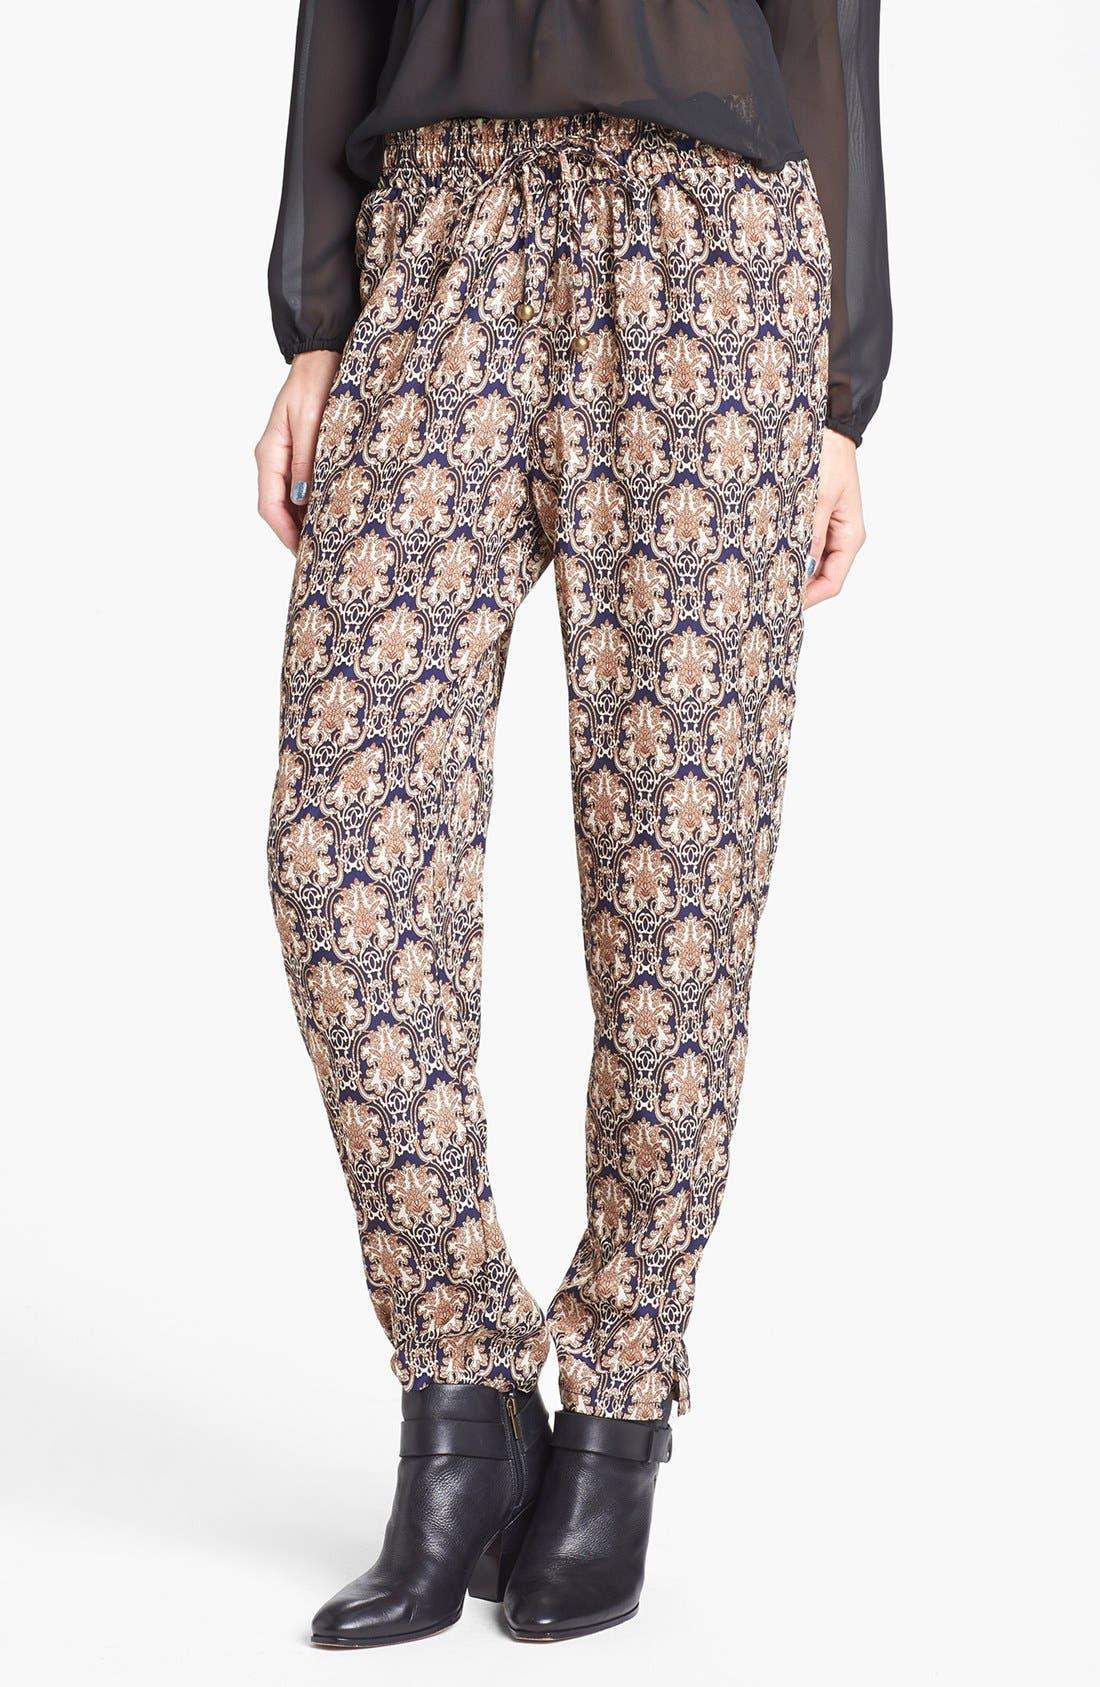 Alternate Image 1 Selected - Blu Pepper Damask Print Harem Pants (Juniors)